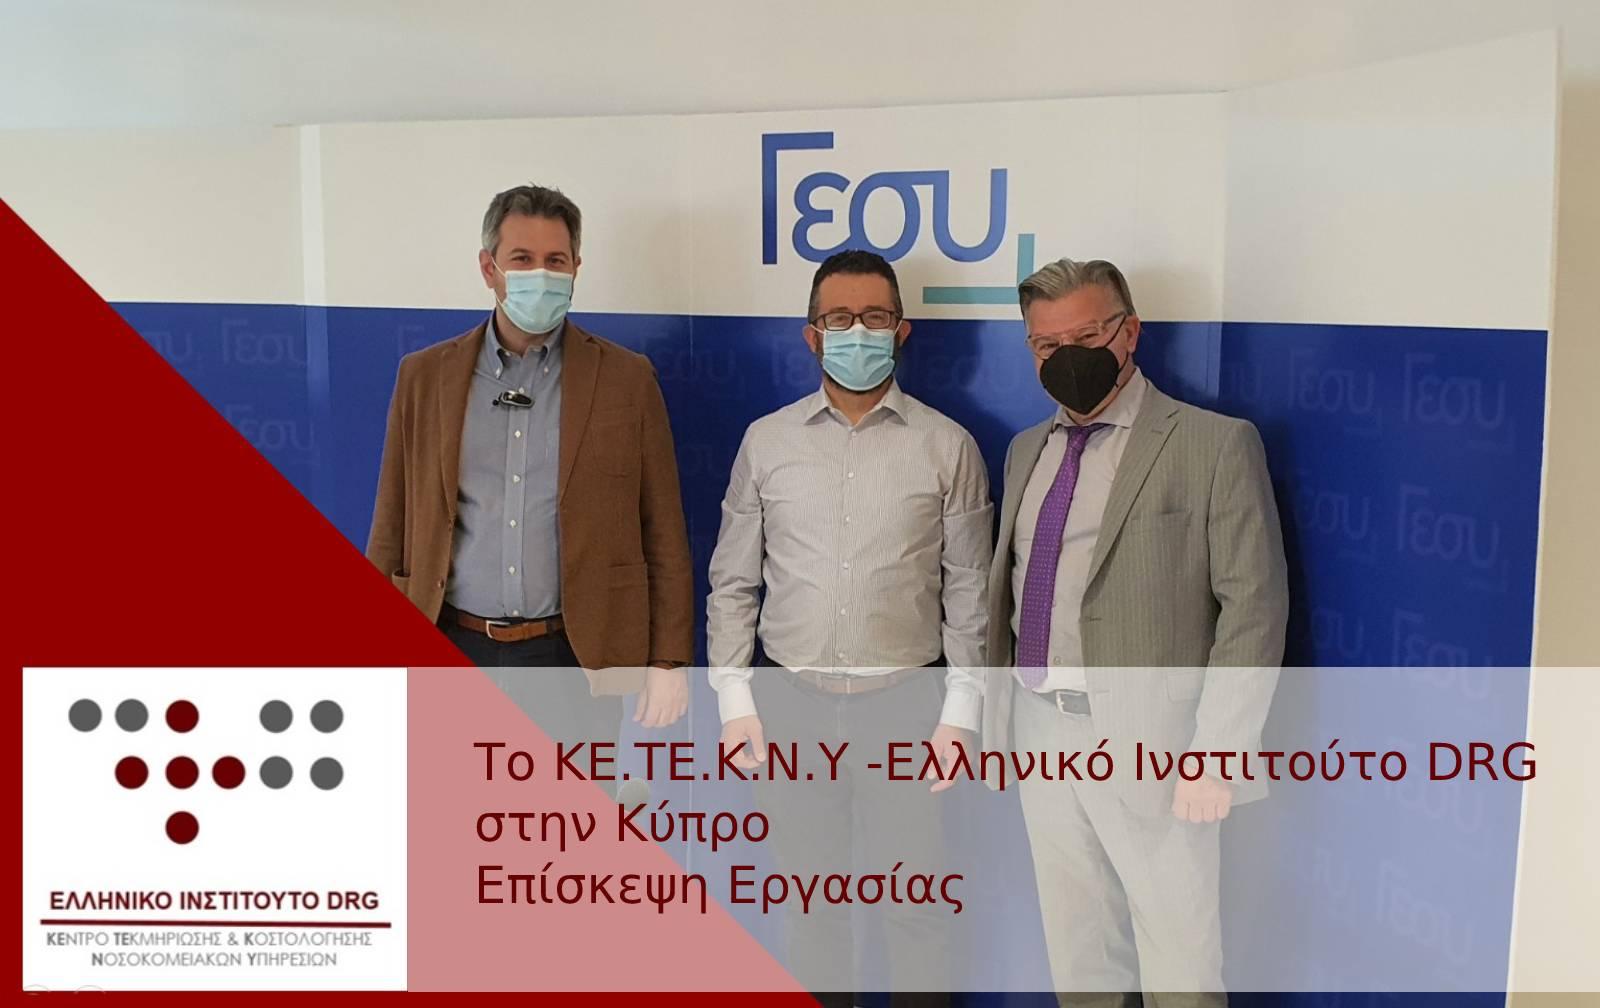 Το ΚΕ.ΤΕ.Κ.Ν.Υ. – Ελληνικό Ιστιτούτο DRG στην Κύπρο – Επίσκεψη Εργασίας